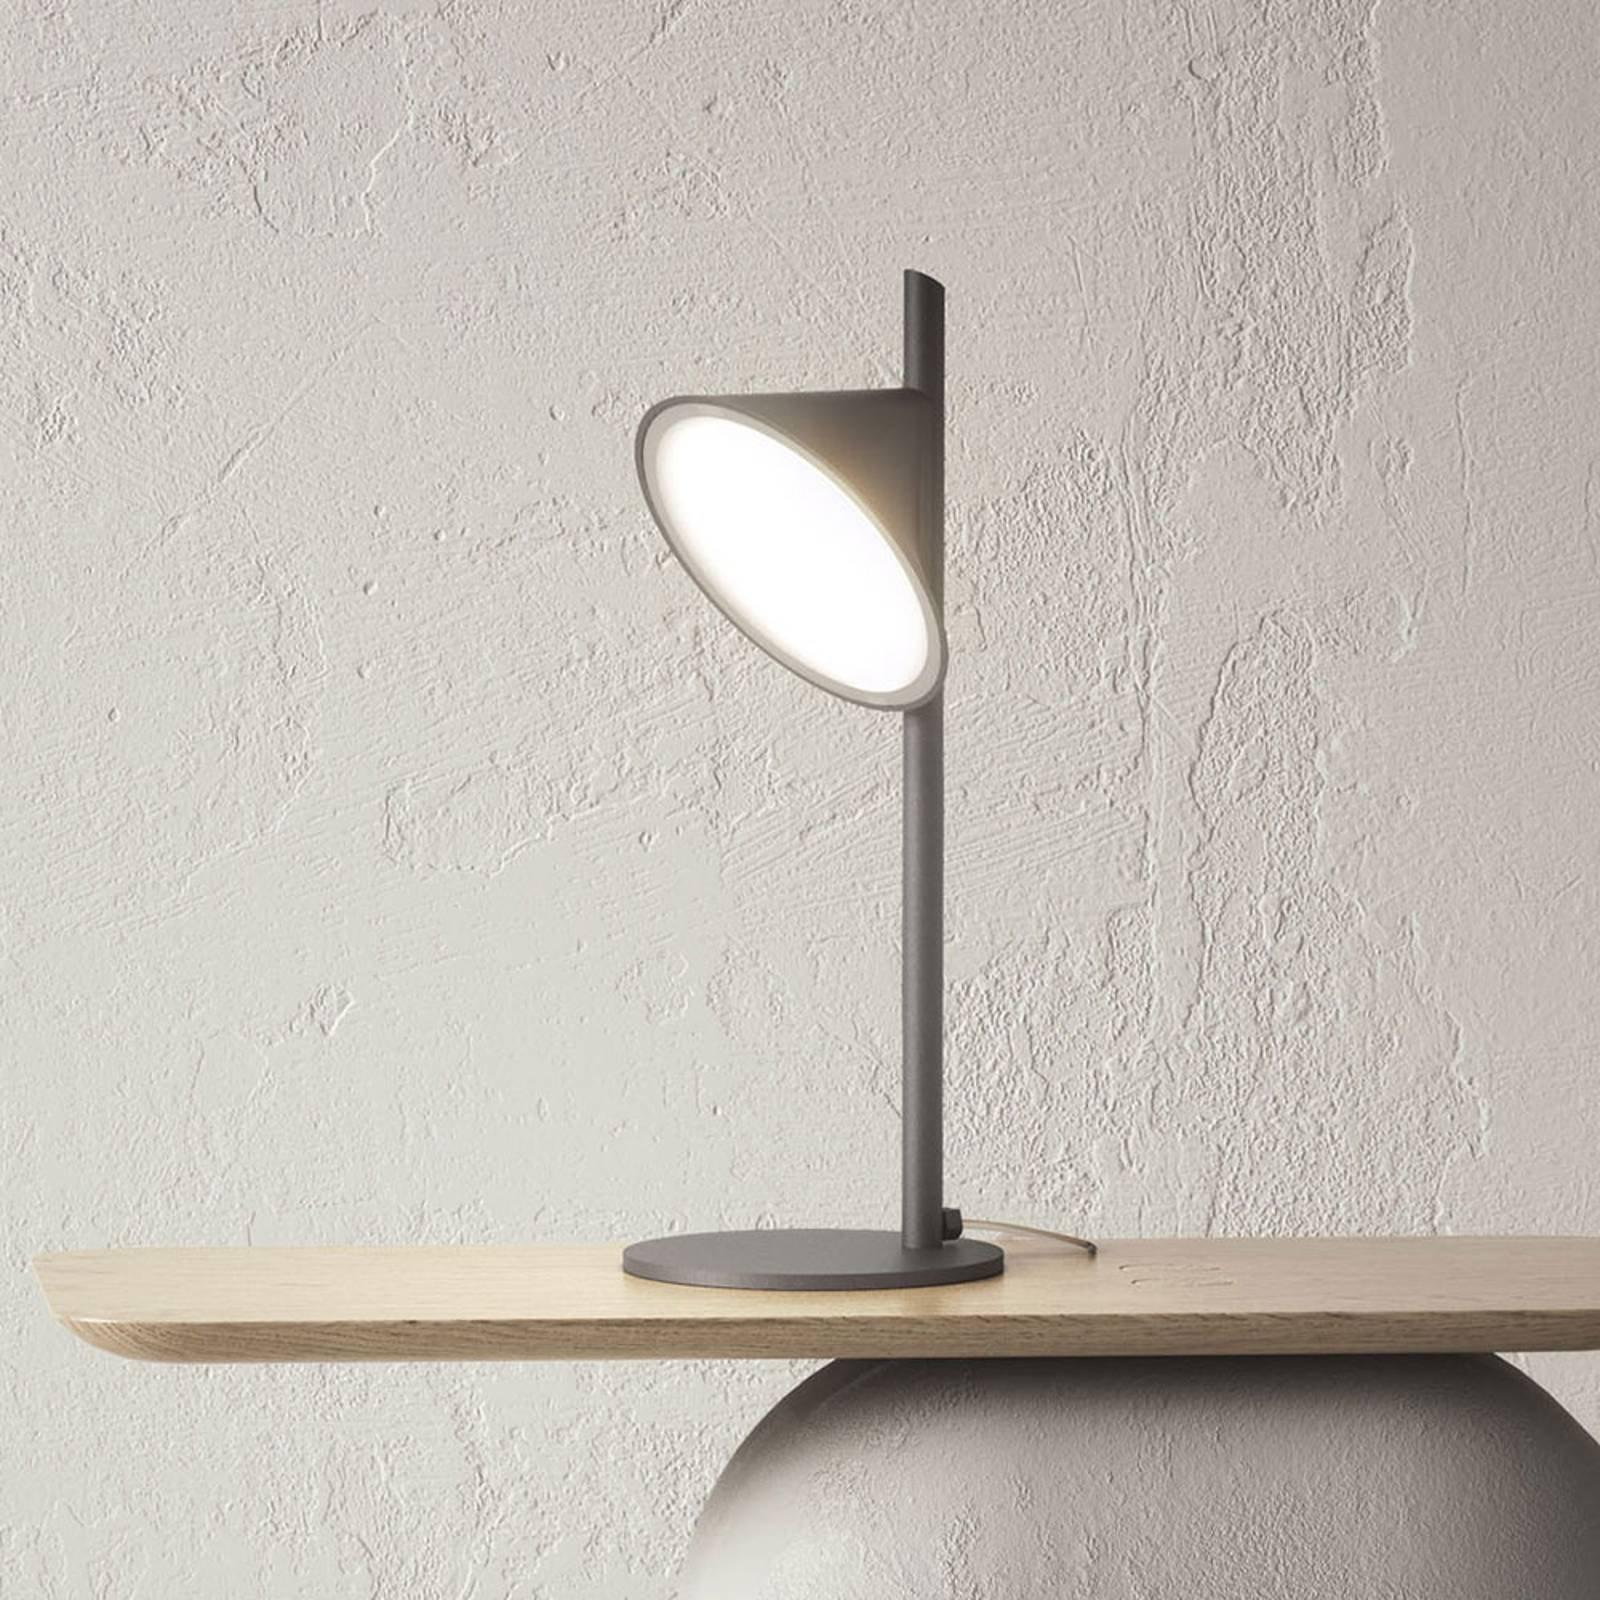 Axolight Orchid LED-bordlampe, mørkegrå